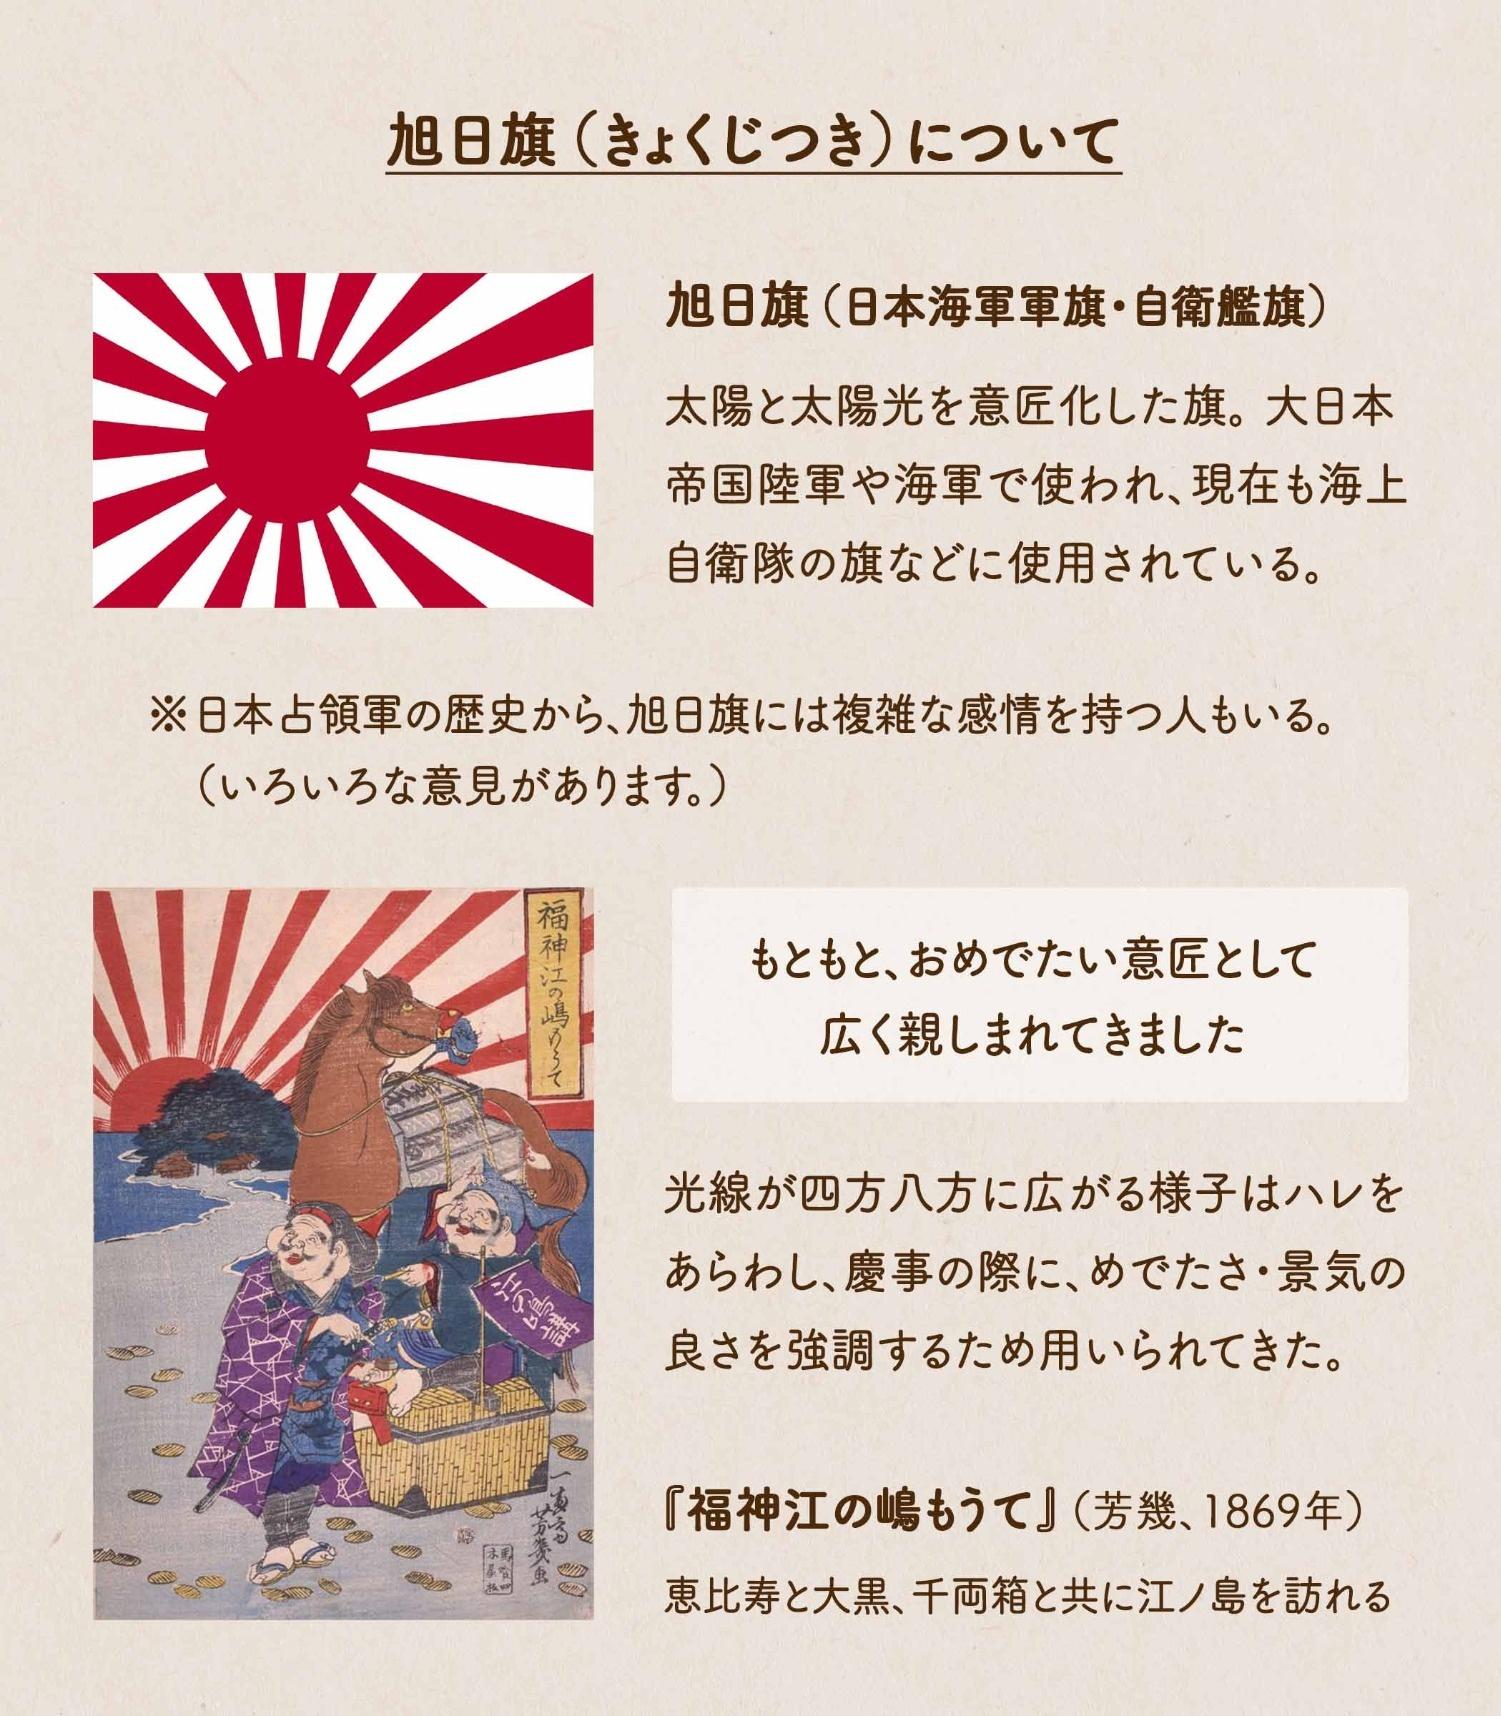 旭日旗(きょくじつき)について/旭日旗(日本海軍軍旗・自衛隊旗)太陽と太陽光を意匠化した旗。第日本帝国陸軍や海軍で使われ、現在も海上自衛隊の旗などに使用されている。※日本占領軍の歴史から、旭日旗には複雑な感情を持つ人もいる。(いろいろな意見があります。)もともとは、おめでたい意匠として広く親しまれてきました。光線が四方八方に広がる様子はハレをあらわし、慶事の際に、めでたさ・景気の良さを強調するために用いられてきた。「福神江の嶋もうて』(芳幾、1869年)恵比寿と大黒が千両箱と共に江の島を訪れる